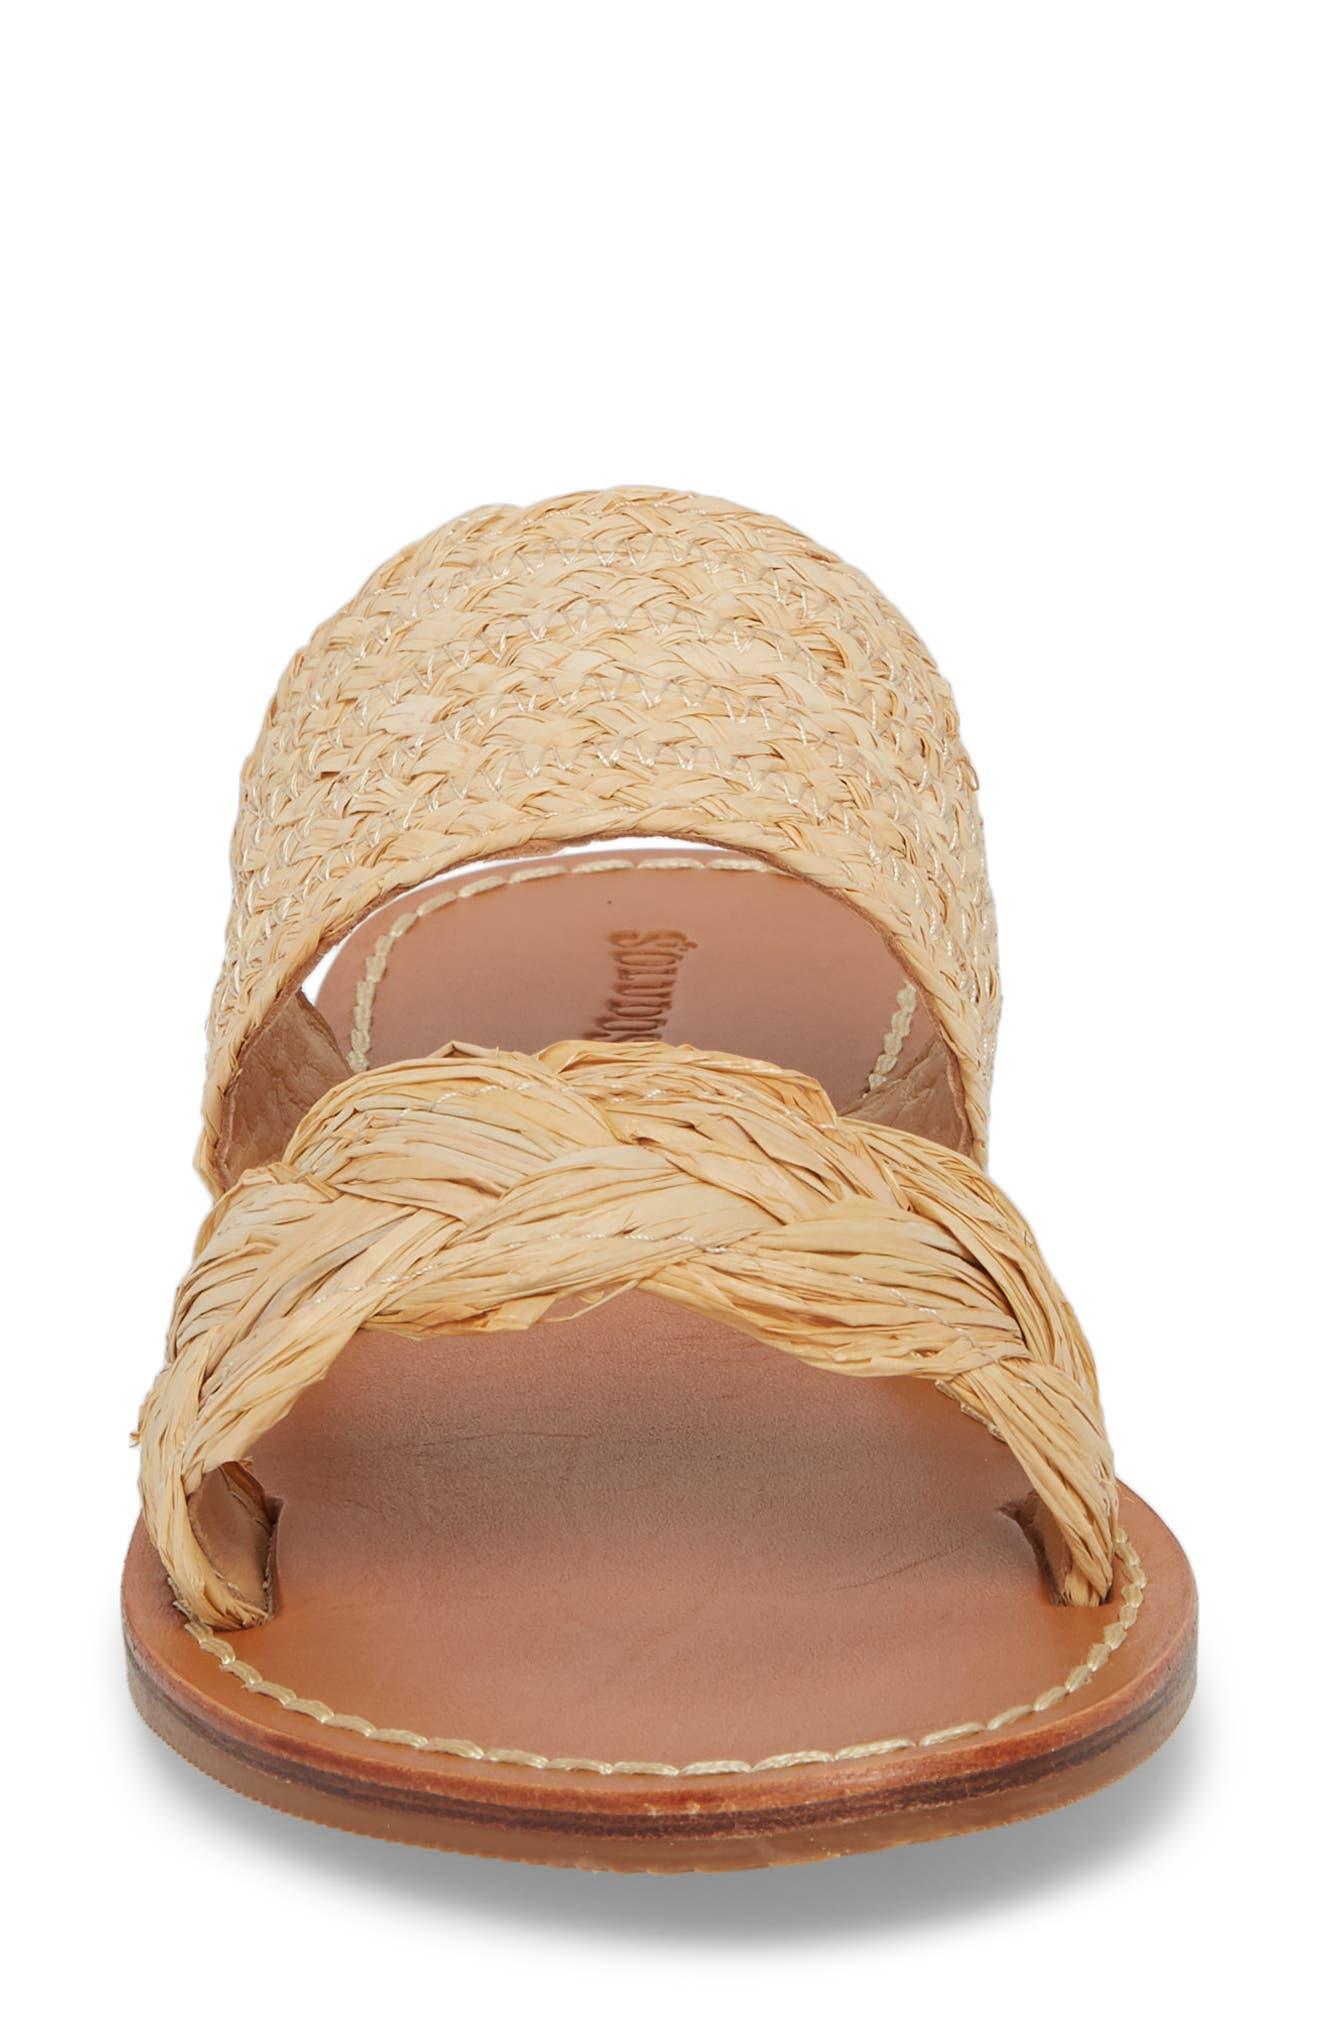 Braided Slide Sandal,                             Alternate thumbnail 4, color,                             250